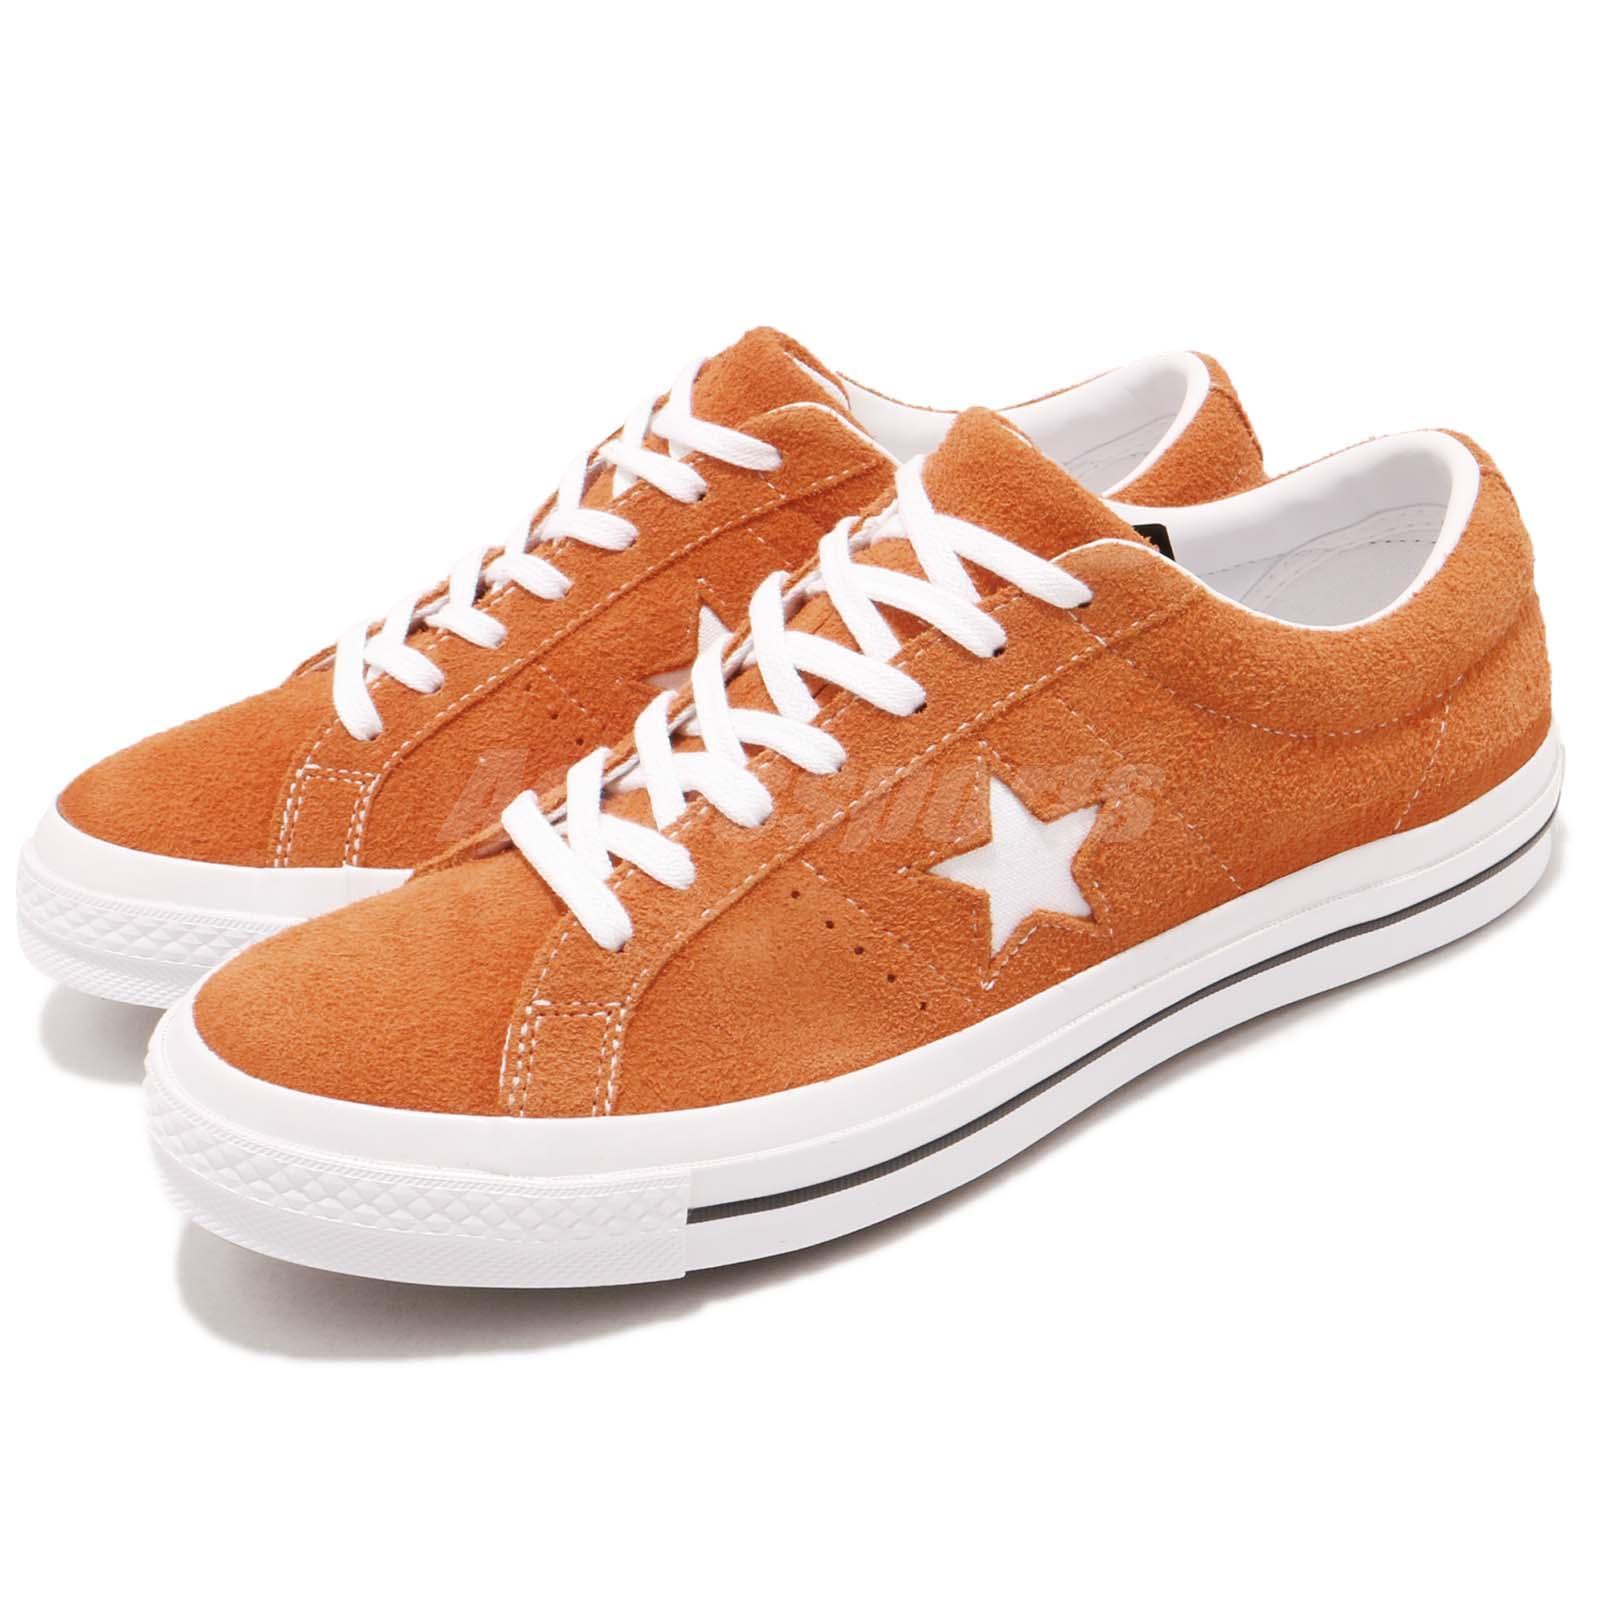 online retailer d857f 42d5e Details about Converse One Star Orange White Suede Men Women Classic Casual  Shoes 161574C